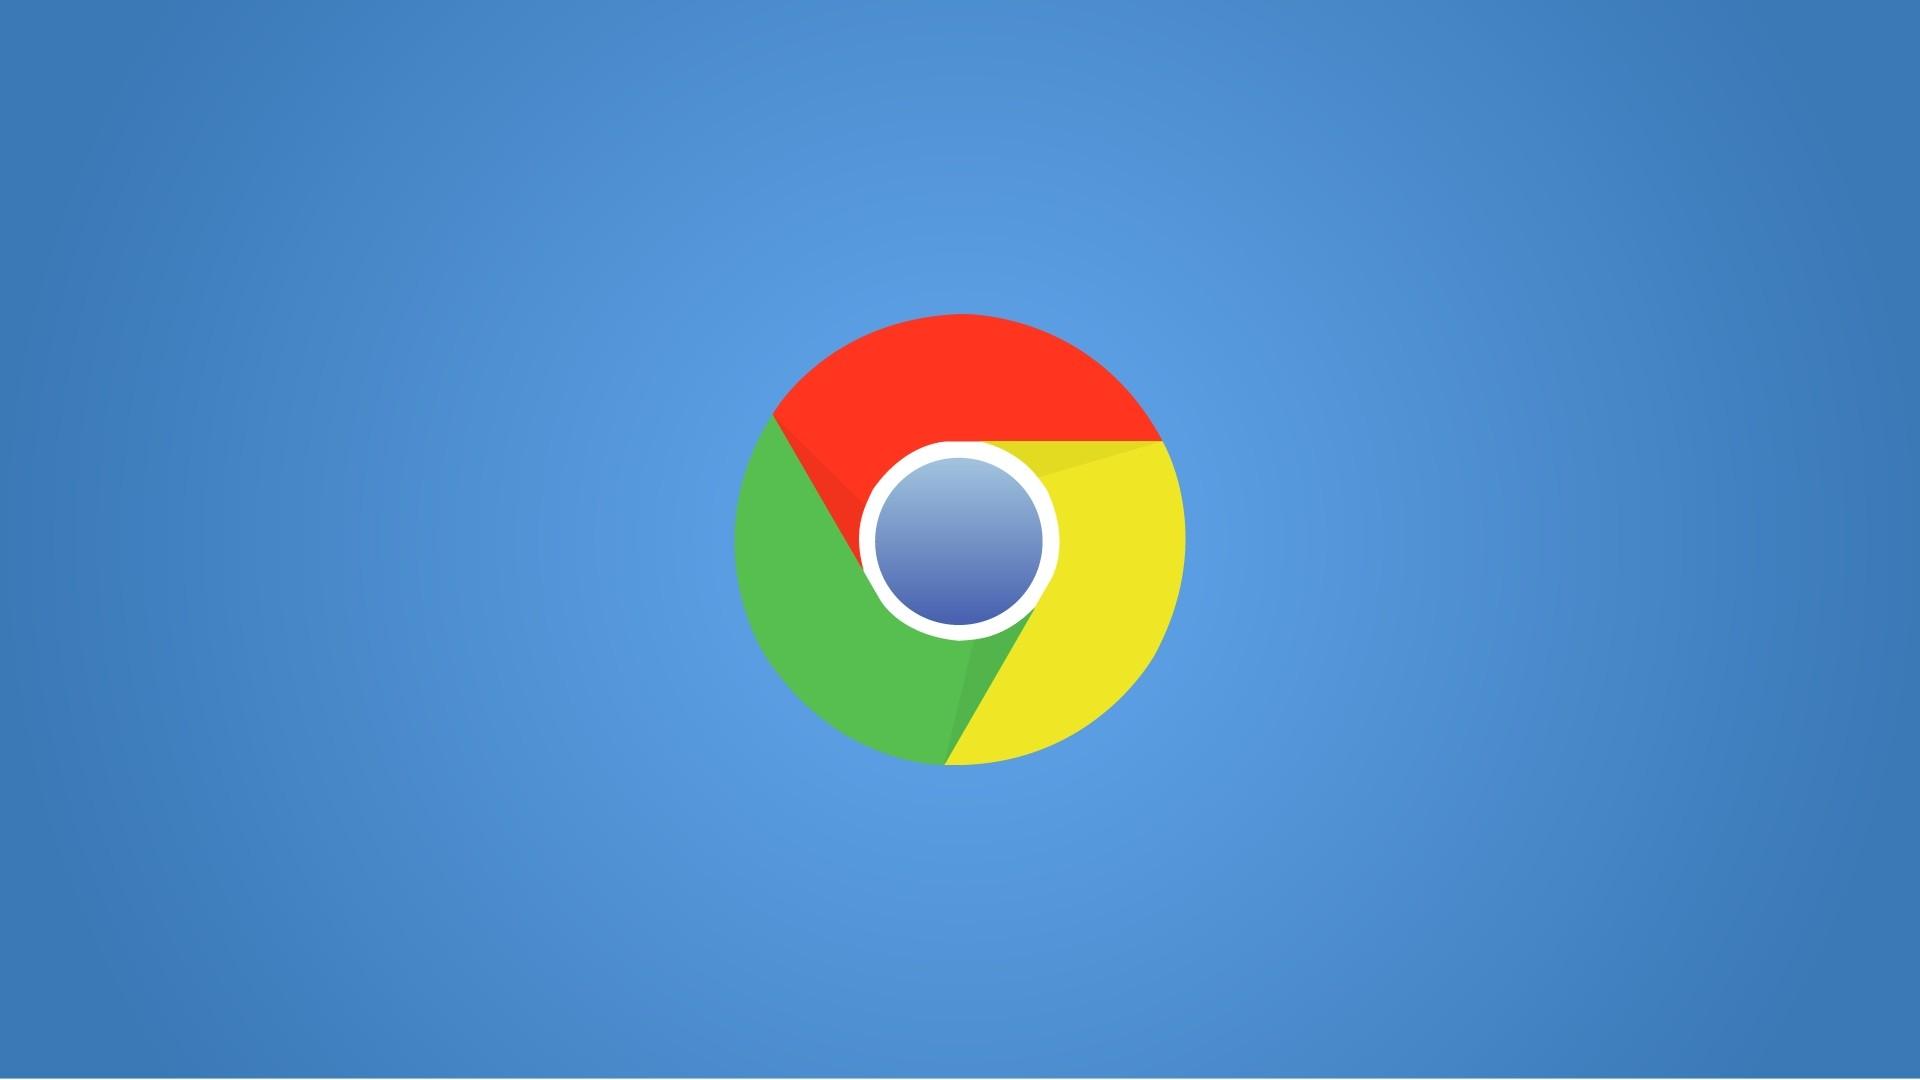 Chrome hd wallpaper download